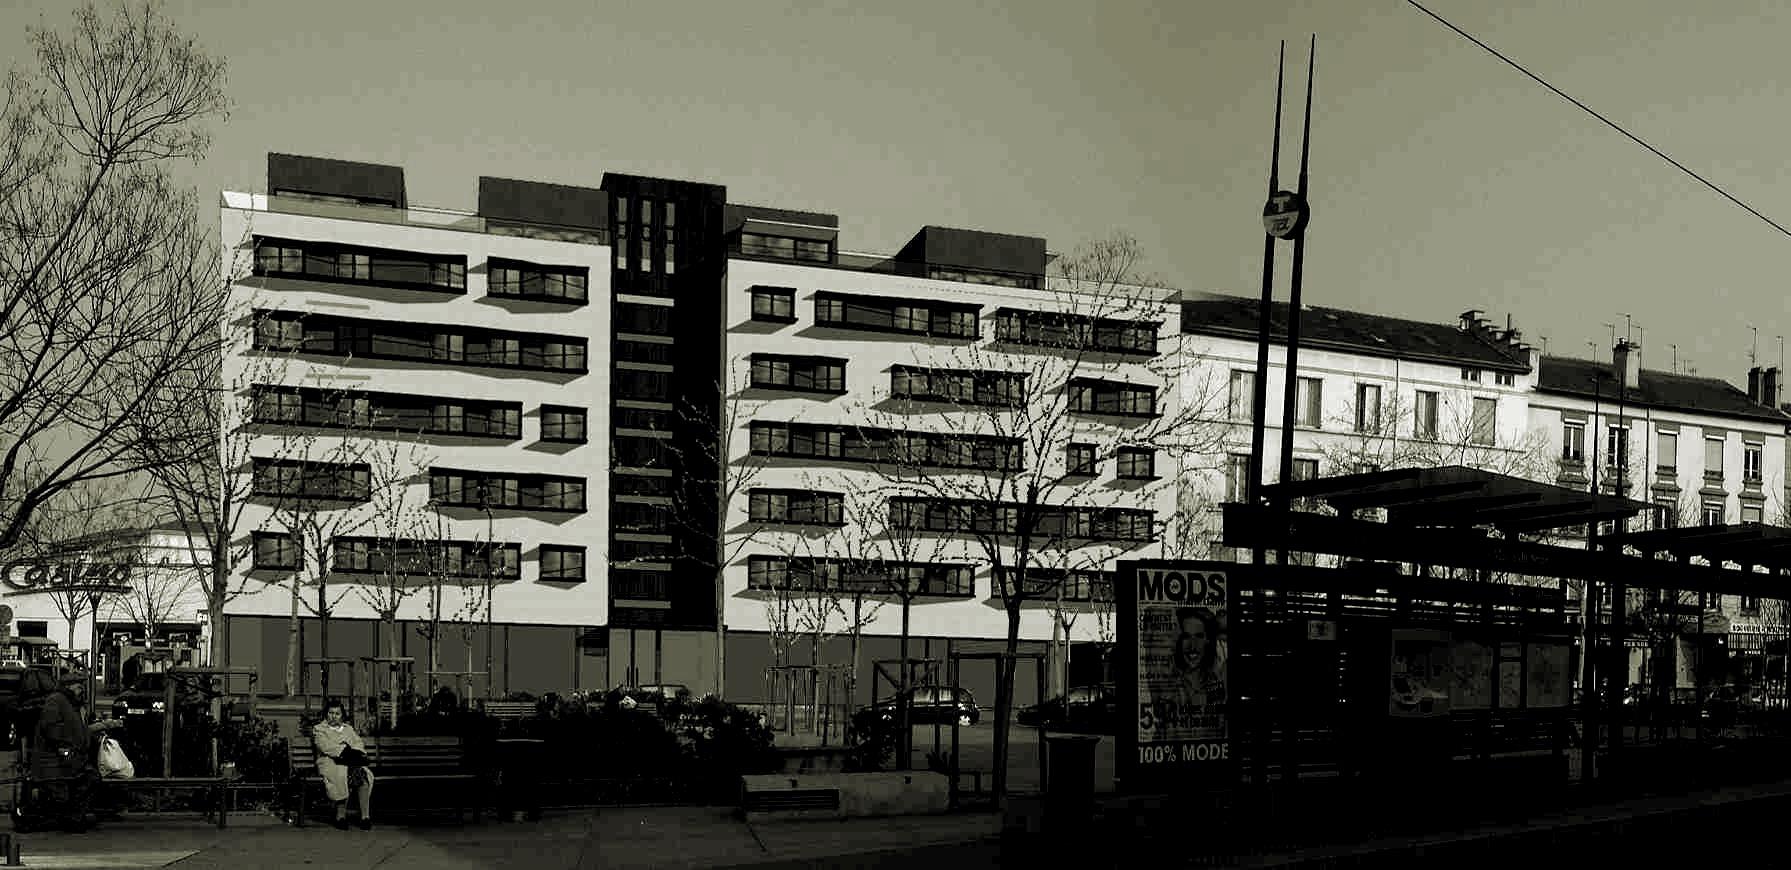 🅟 100 dwellings, Place 11 Novembre, Lyon (France) 2006